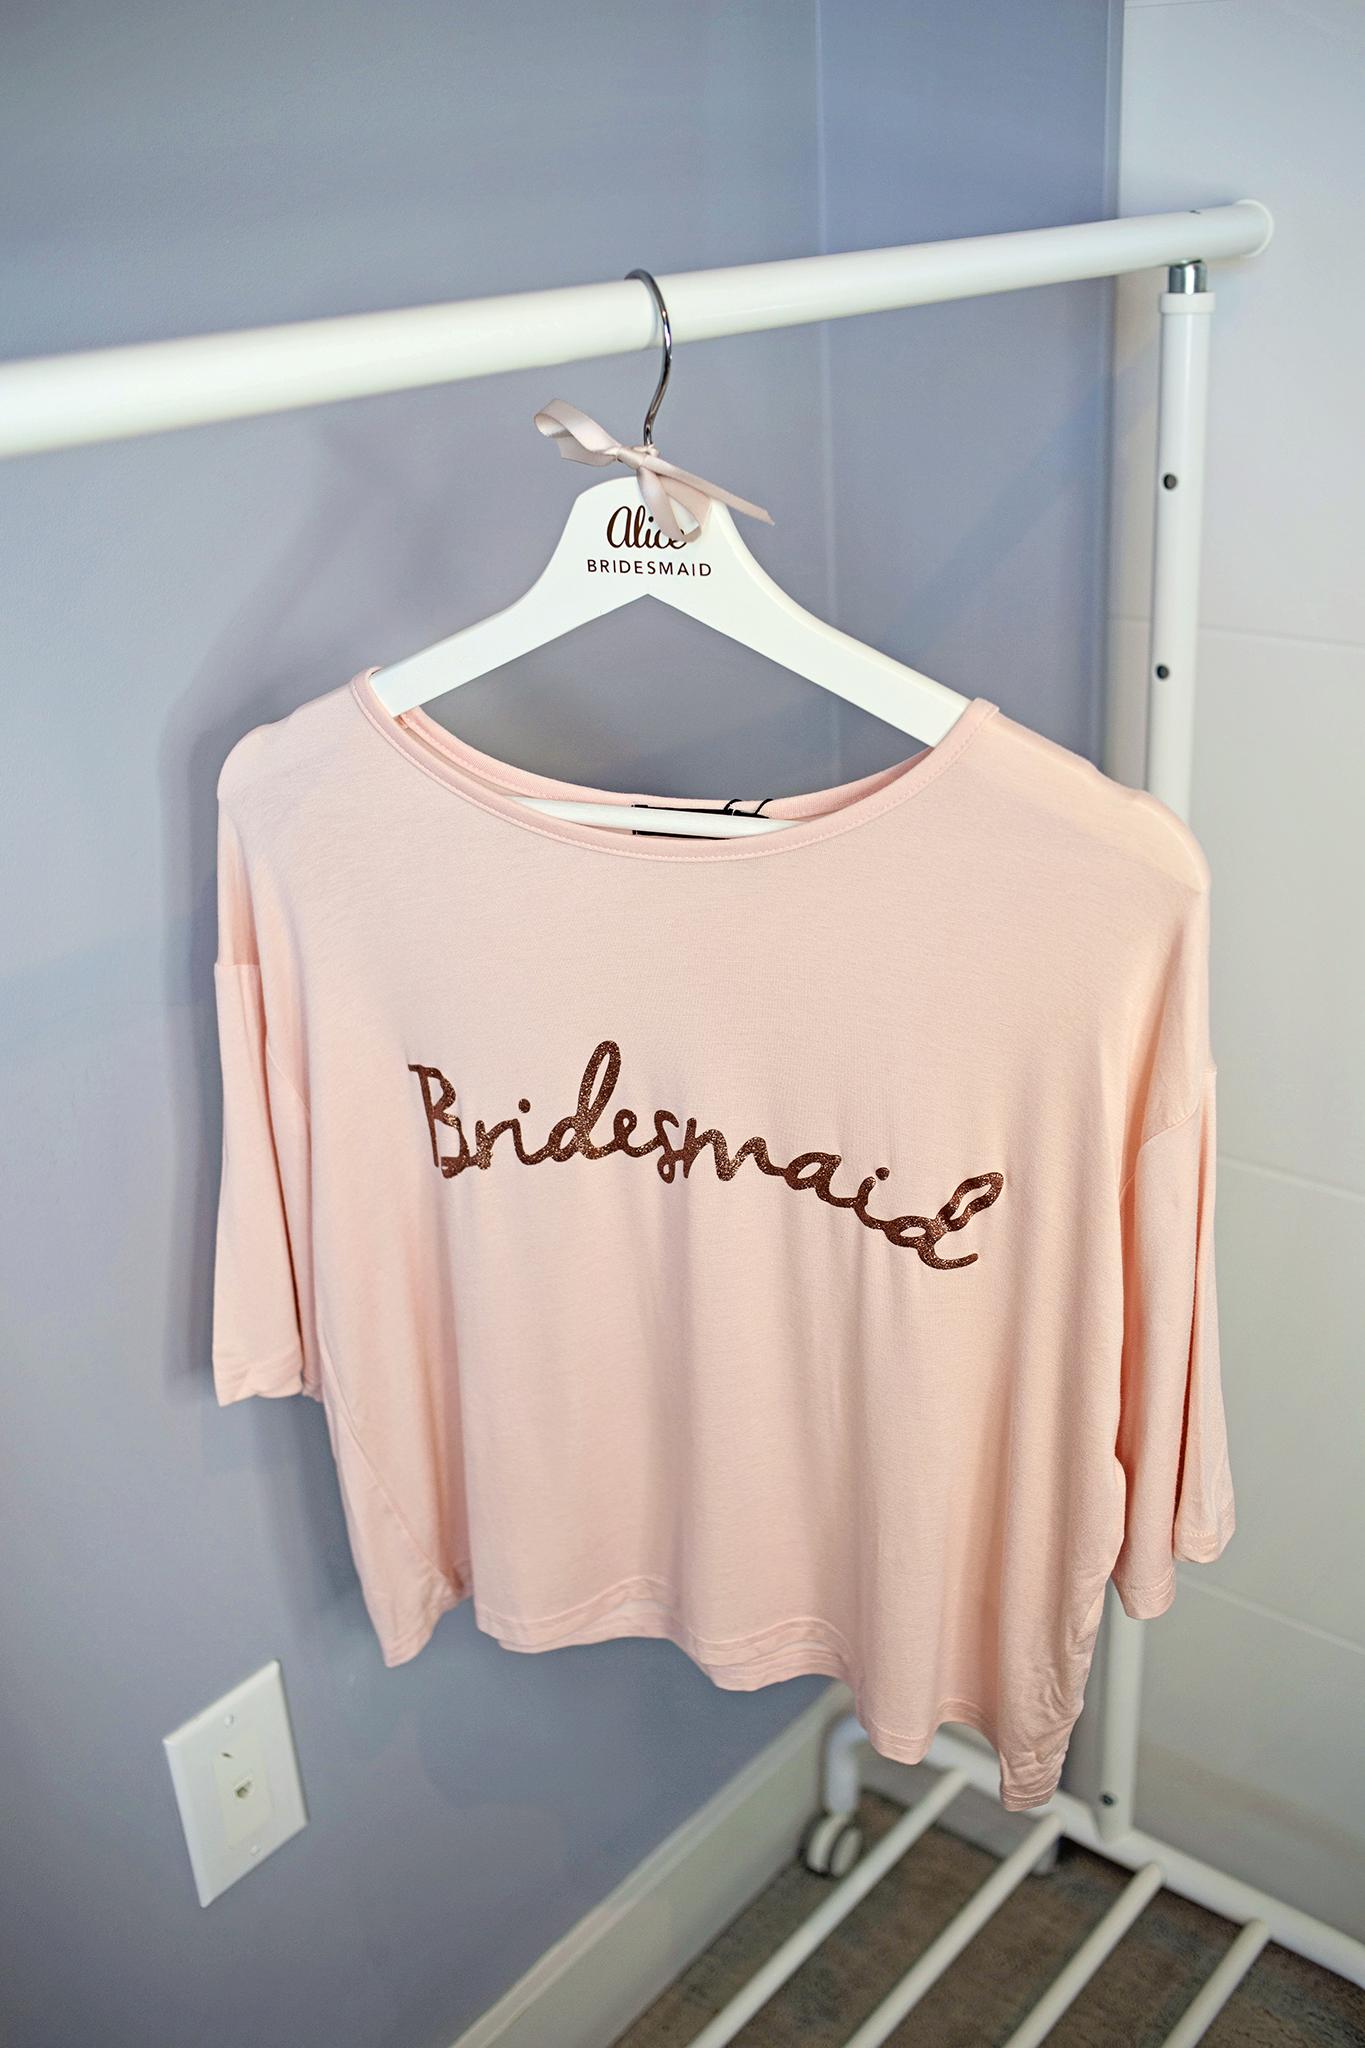 Bridesmaid pyjamas